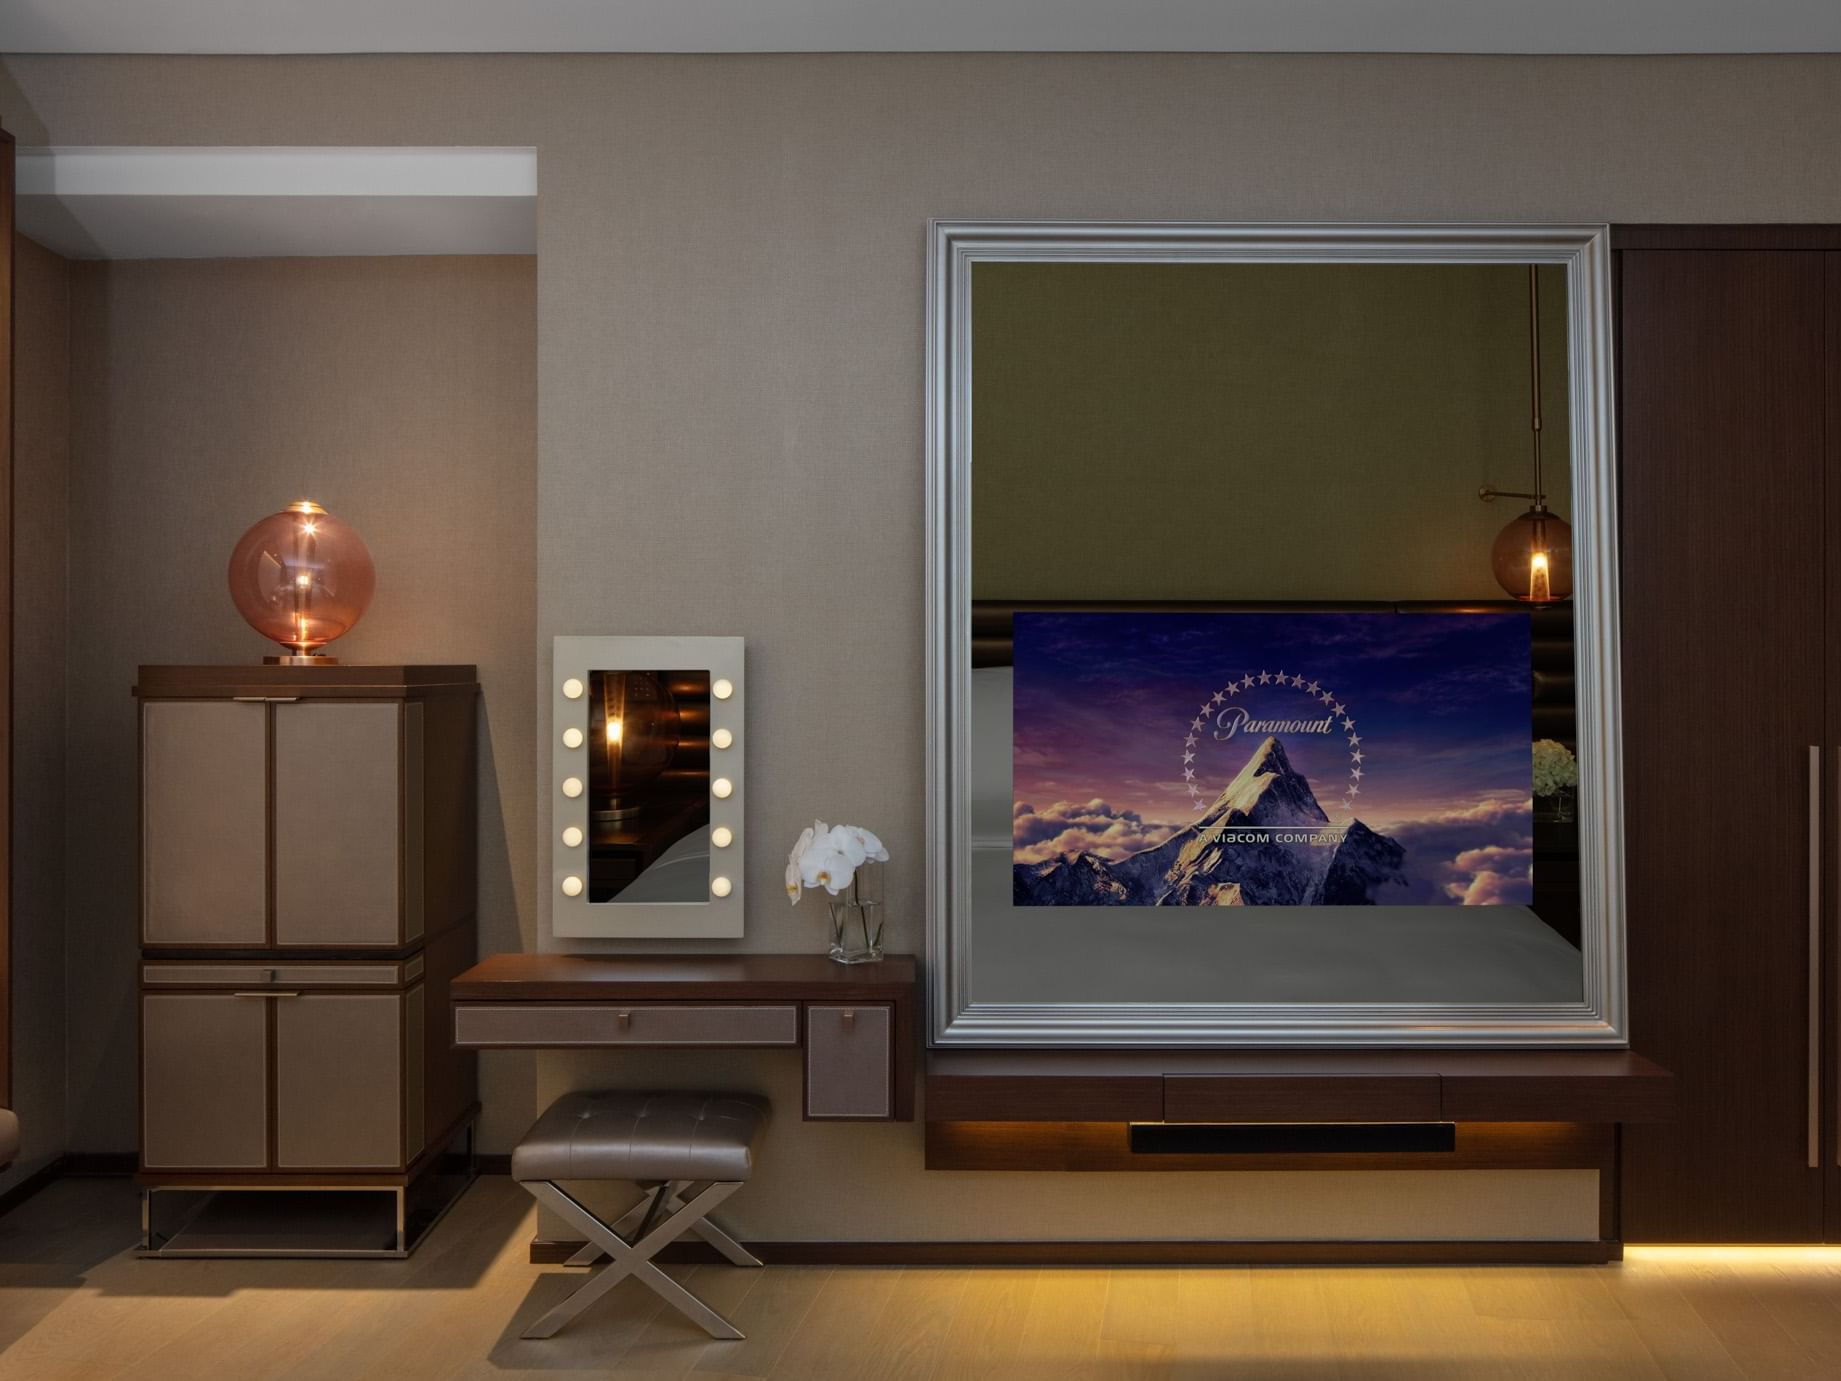 迪拜派拉蒙酒店情境客房